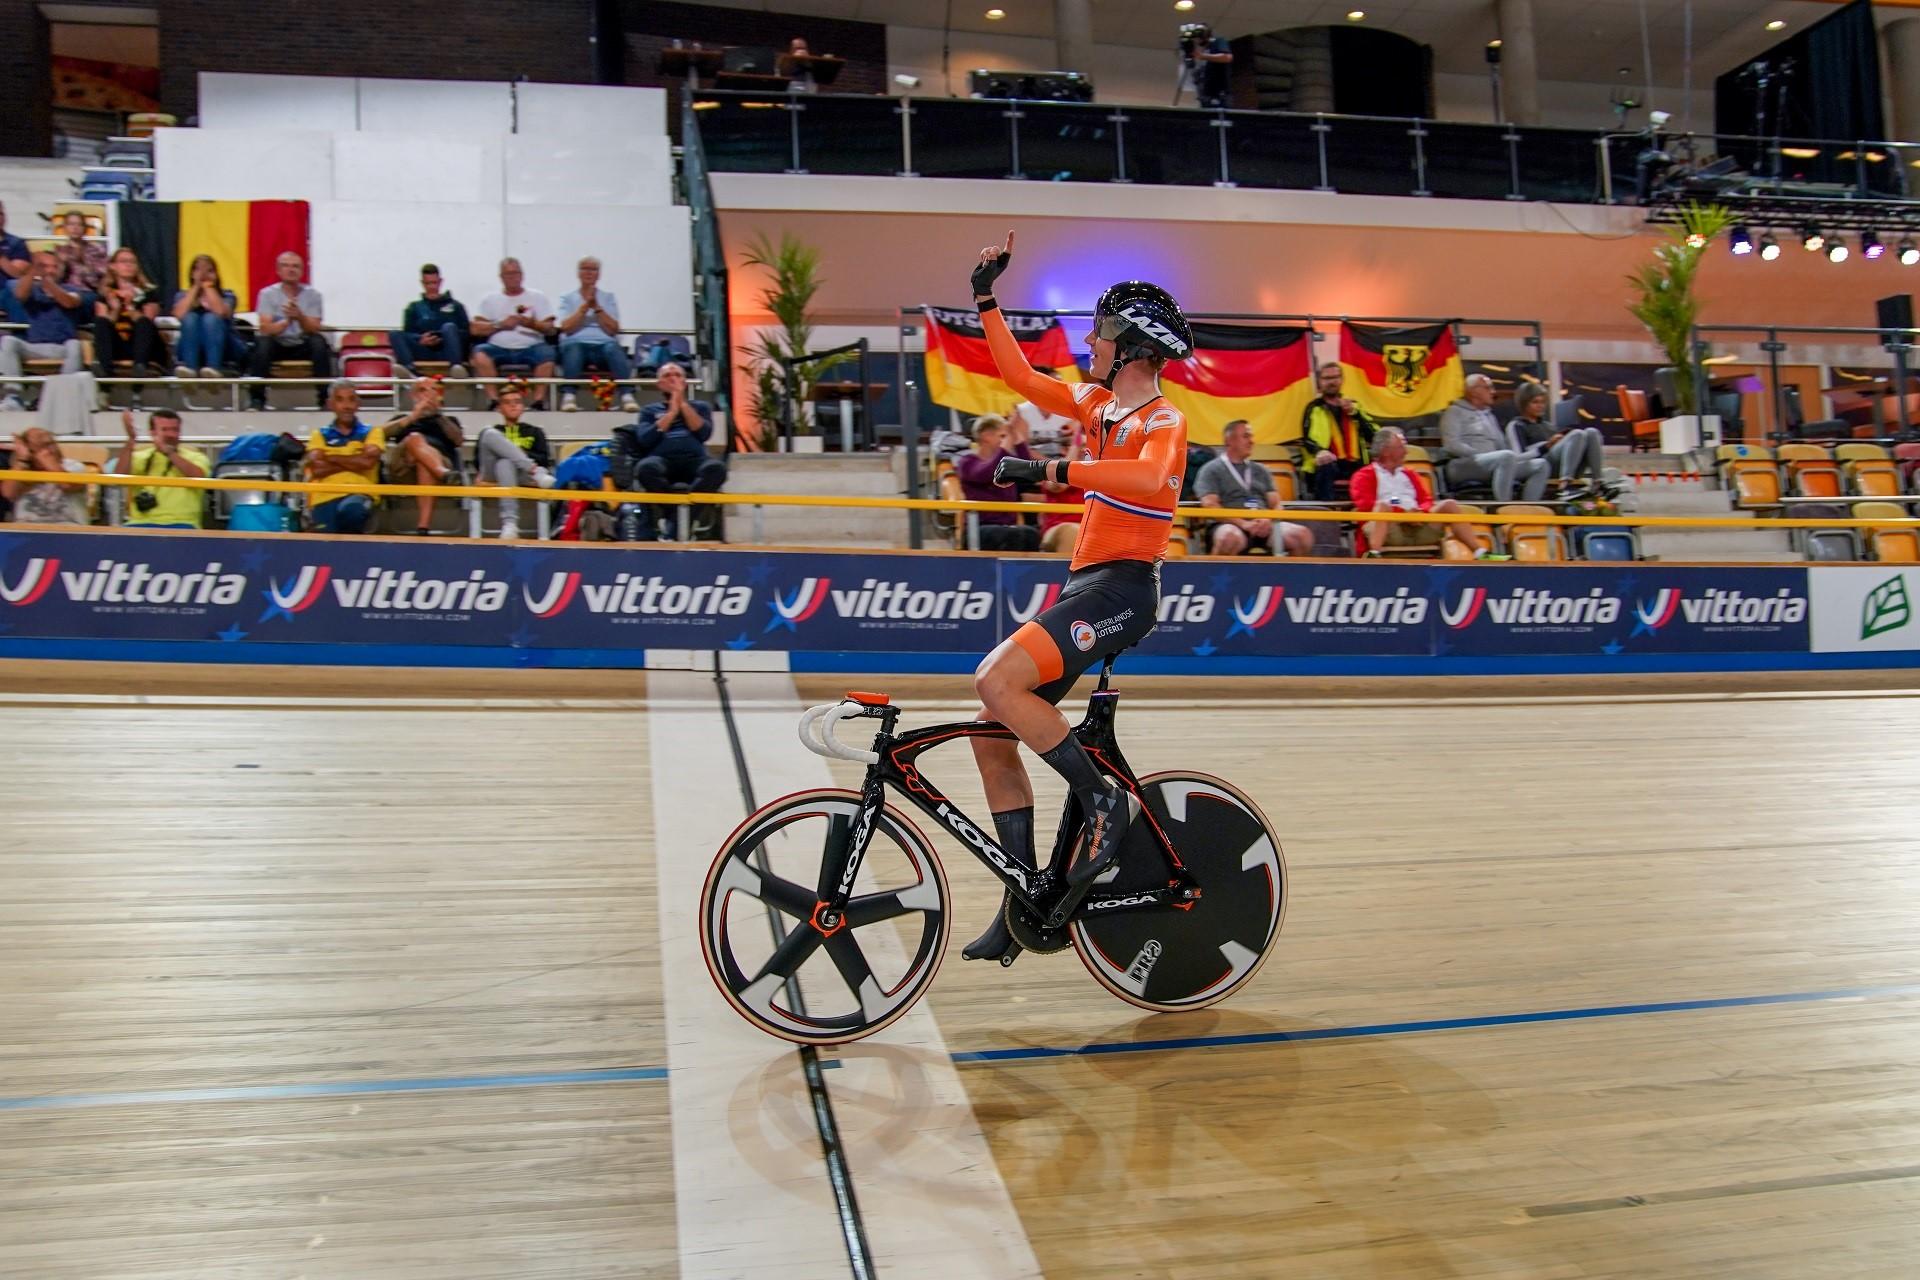 Nederland begint EK Baan met goud en brons